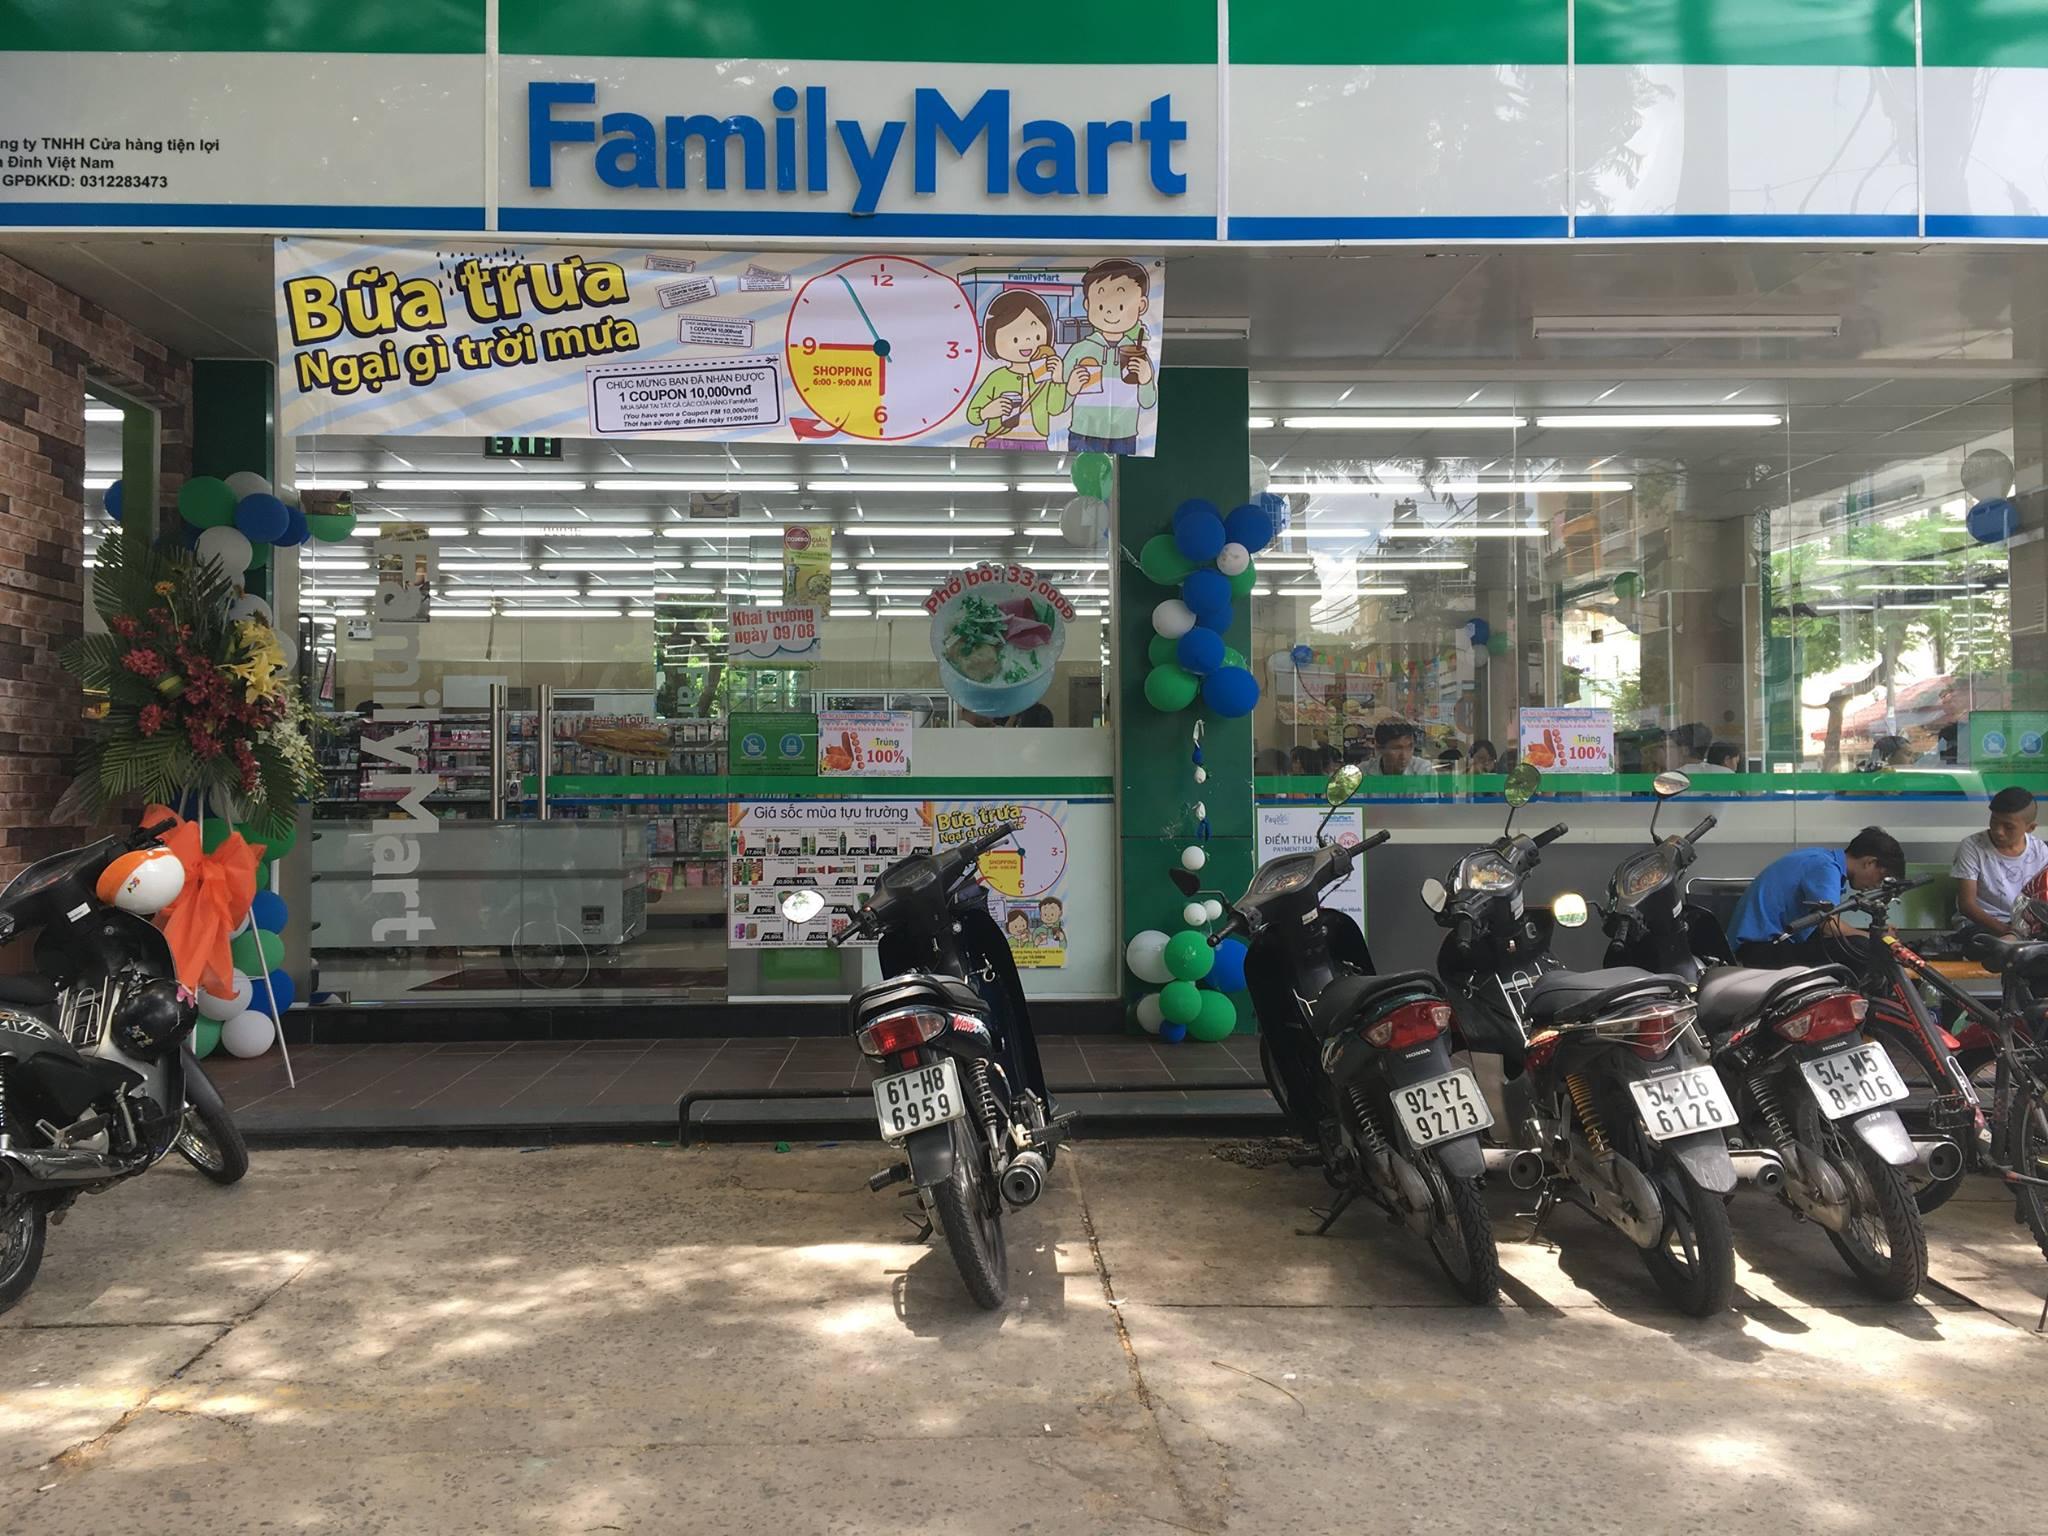 cửa hàng familymart